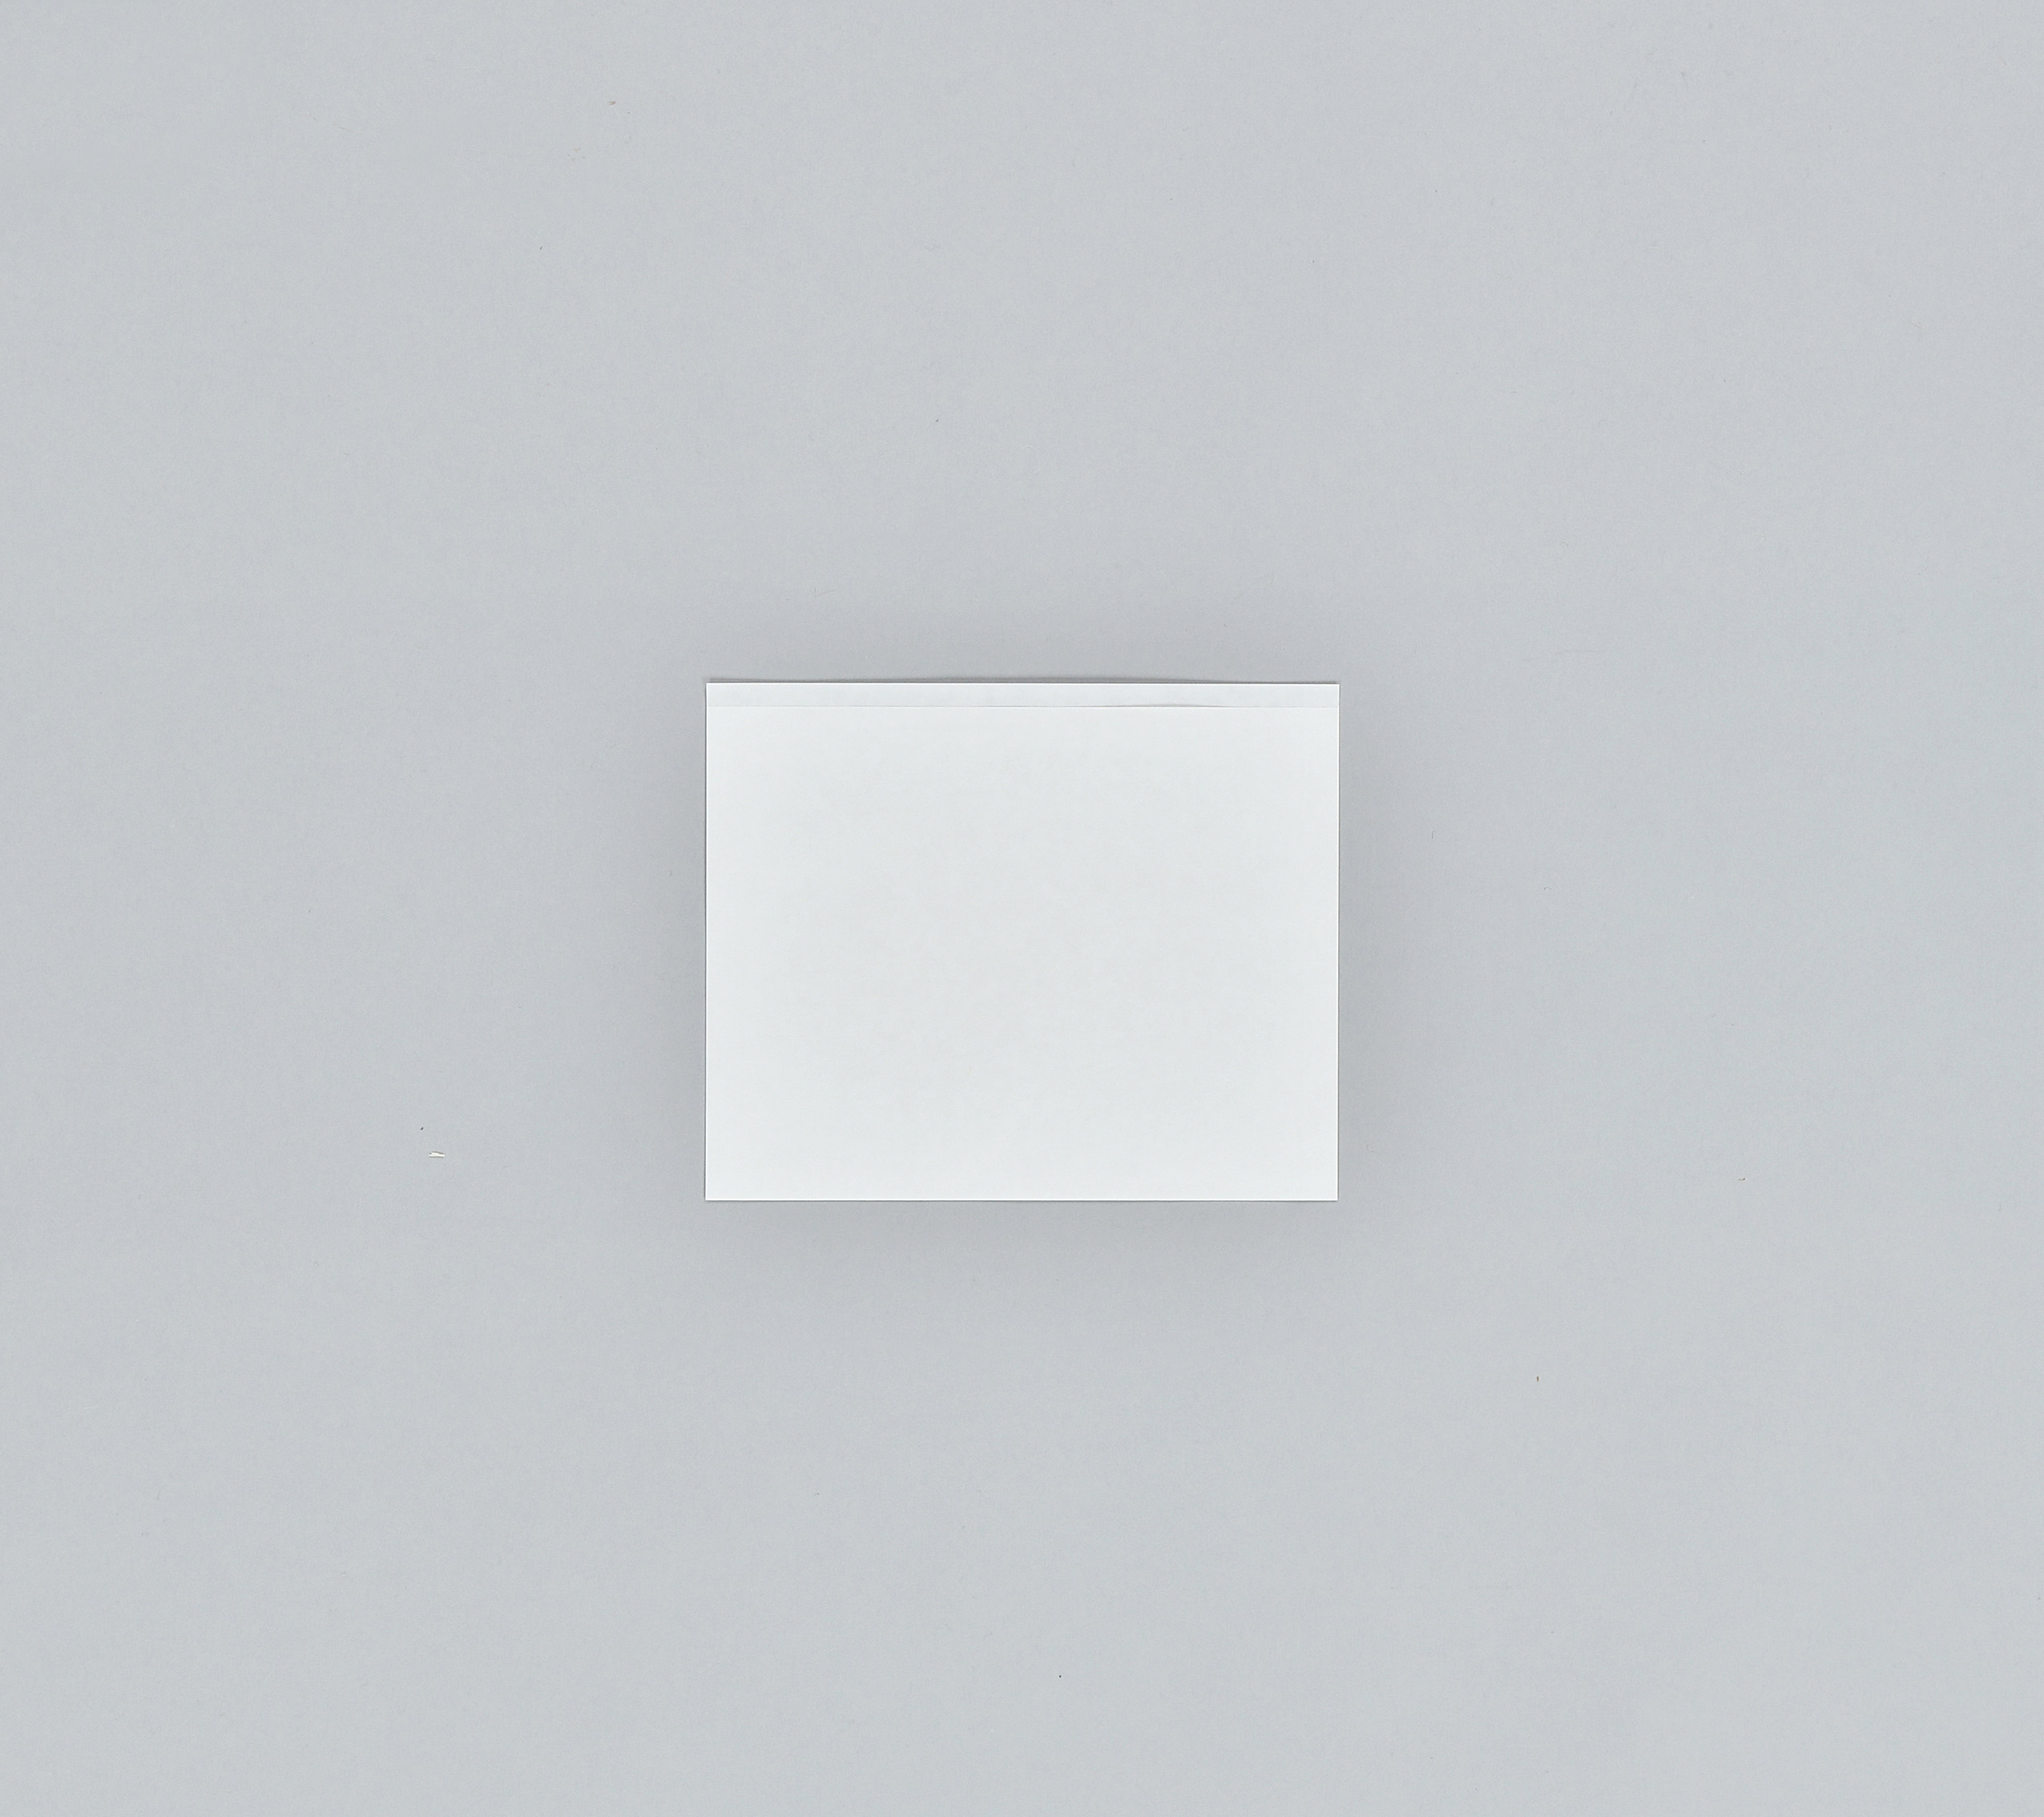 テイクアウト ラミパック No.20 無地 (6000枚/ケース)バイキング 軽食用包材 包装資材 業務用